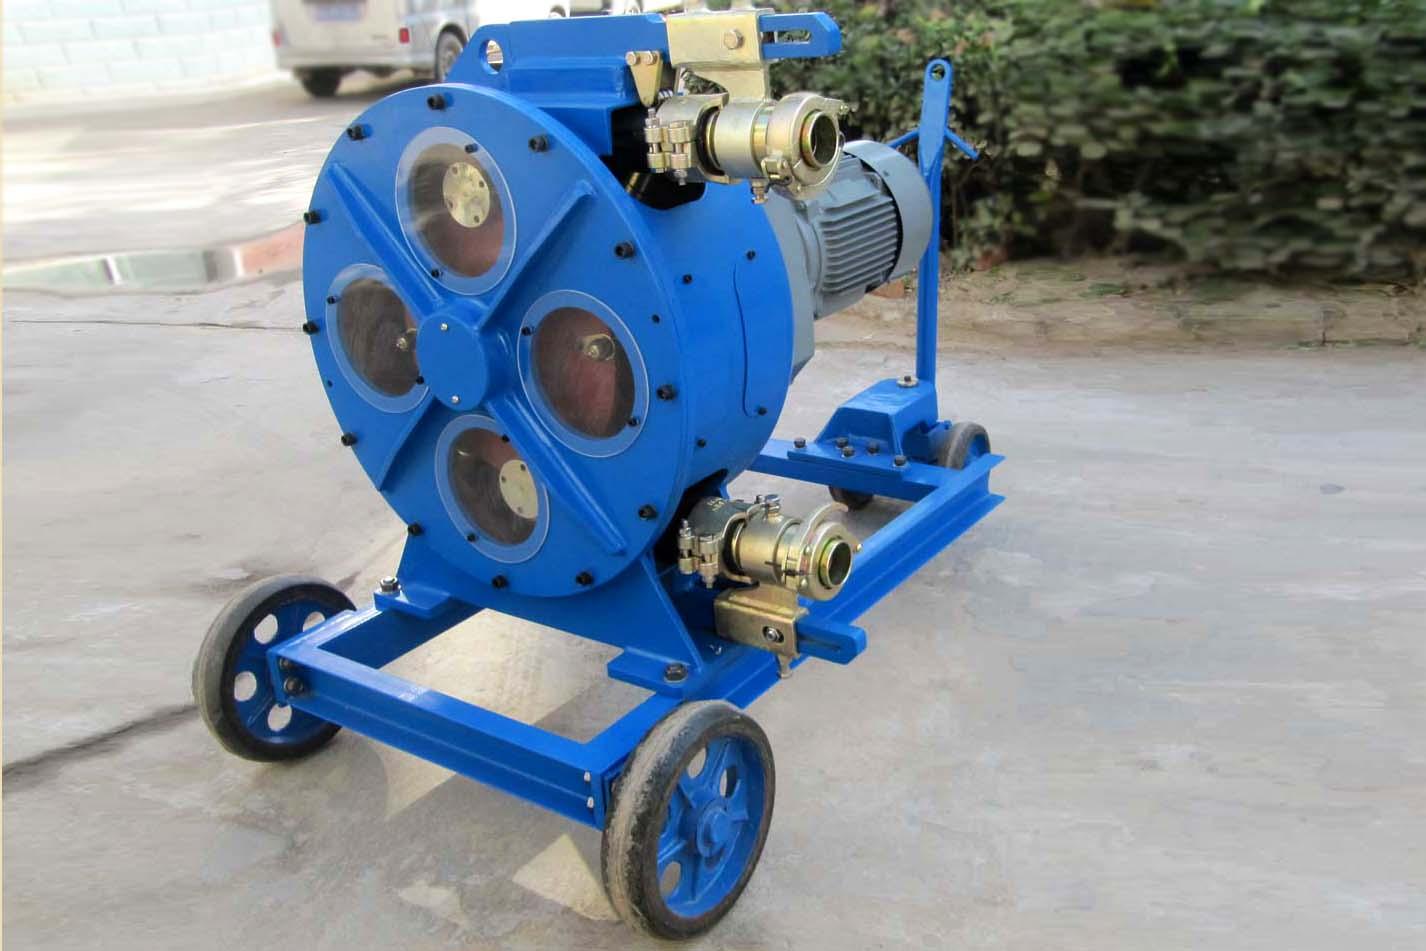 Máy bơm bê tông chuyên dụng trong sản xuất bê tông nhẹ